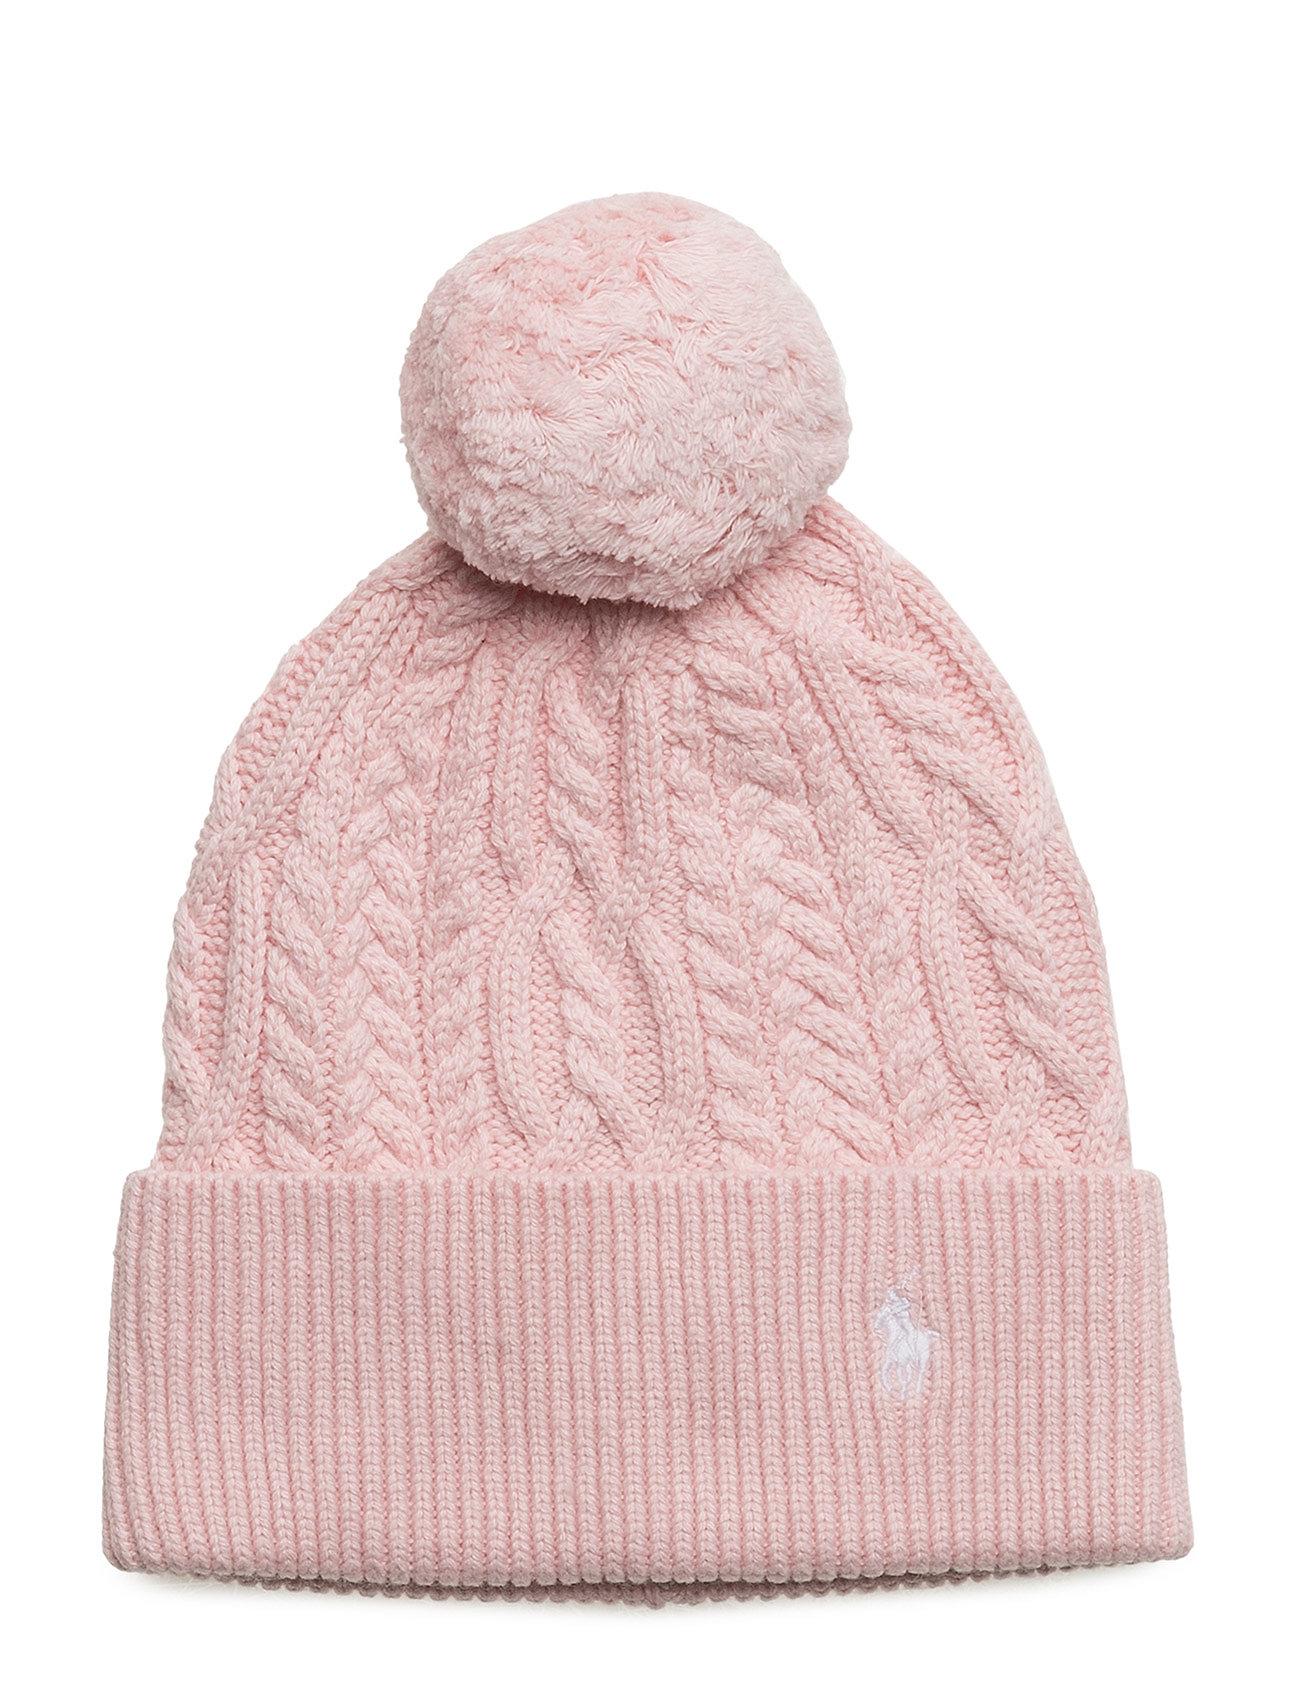 4f3b2be87d4 Aran-knit Pom-pom Hat (Hint Of Pink) (186.75 zł) - Ralph Lauren Kids ...